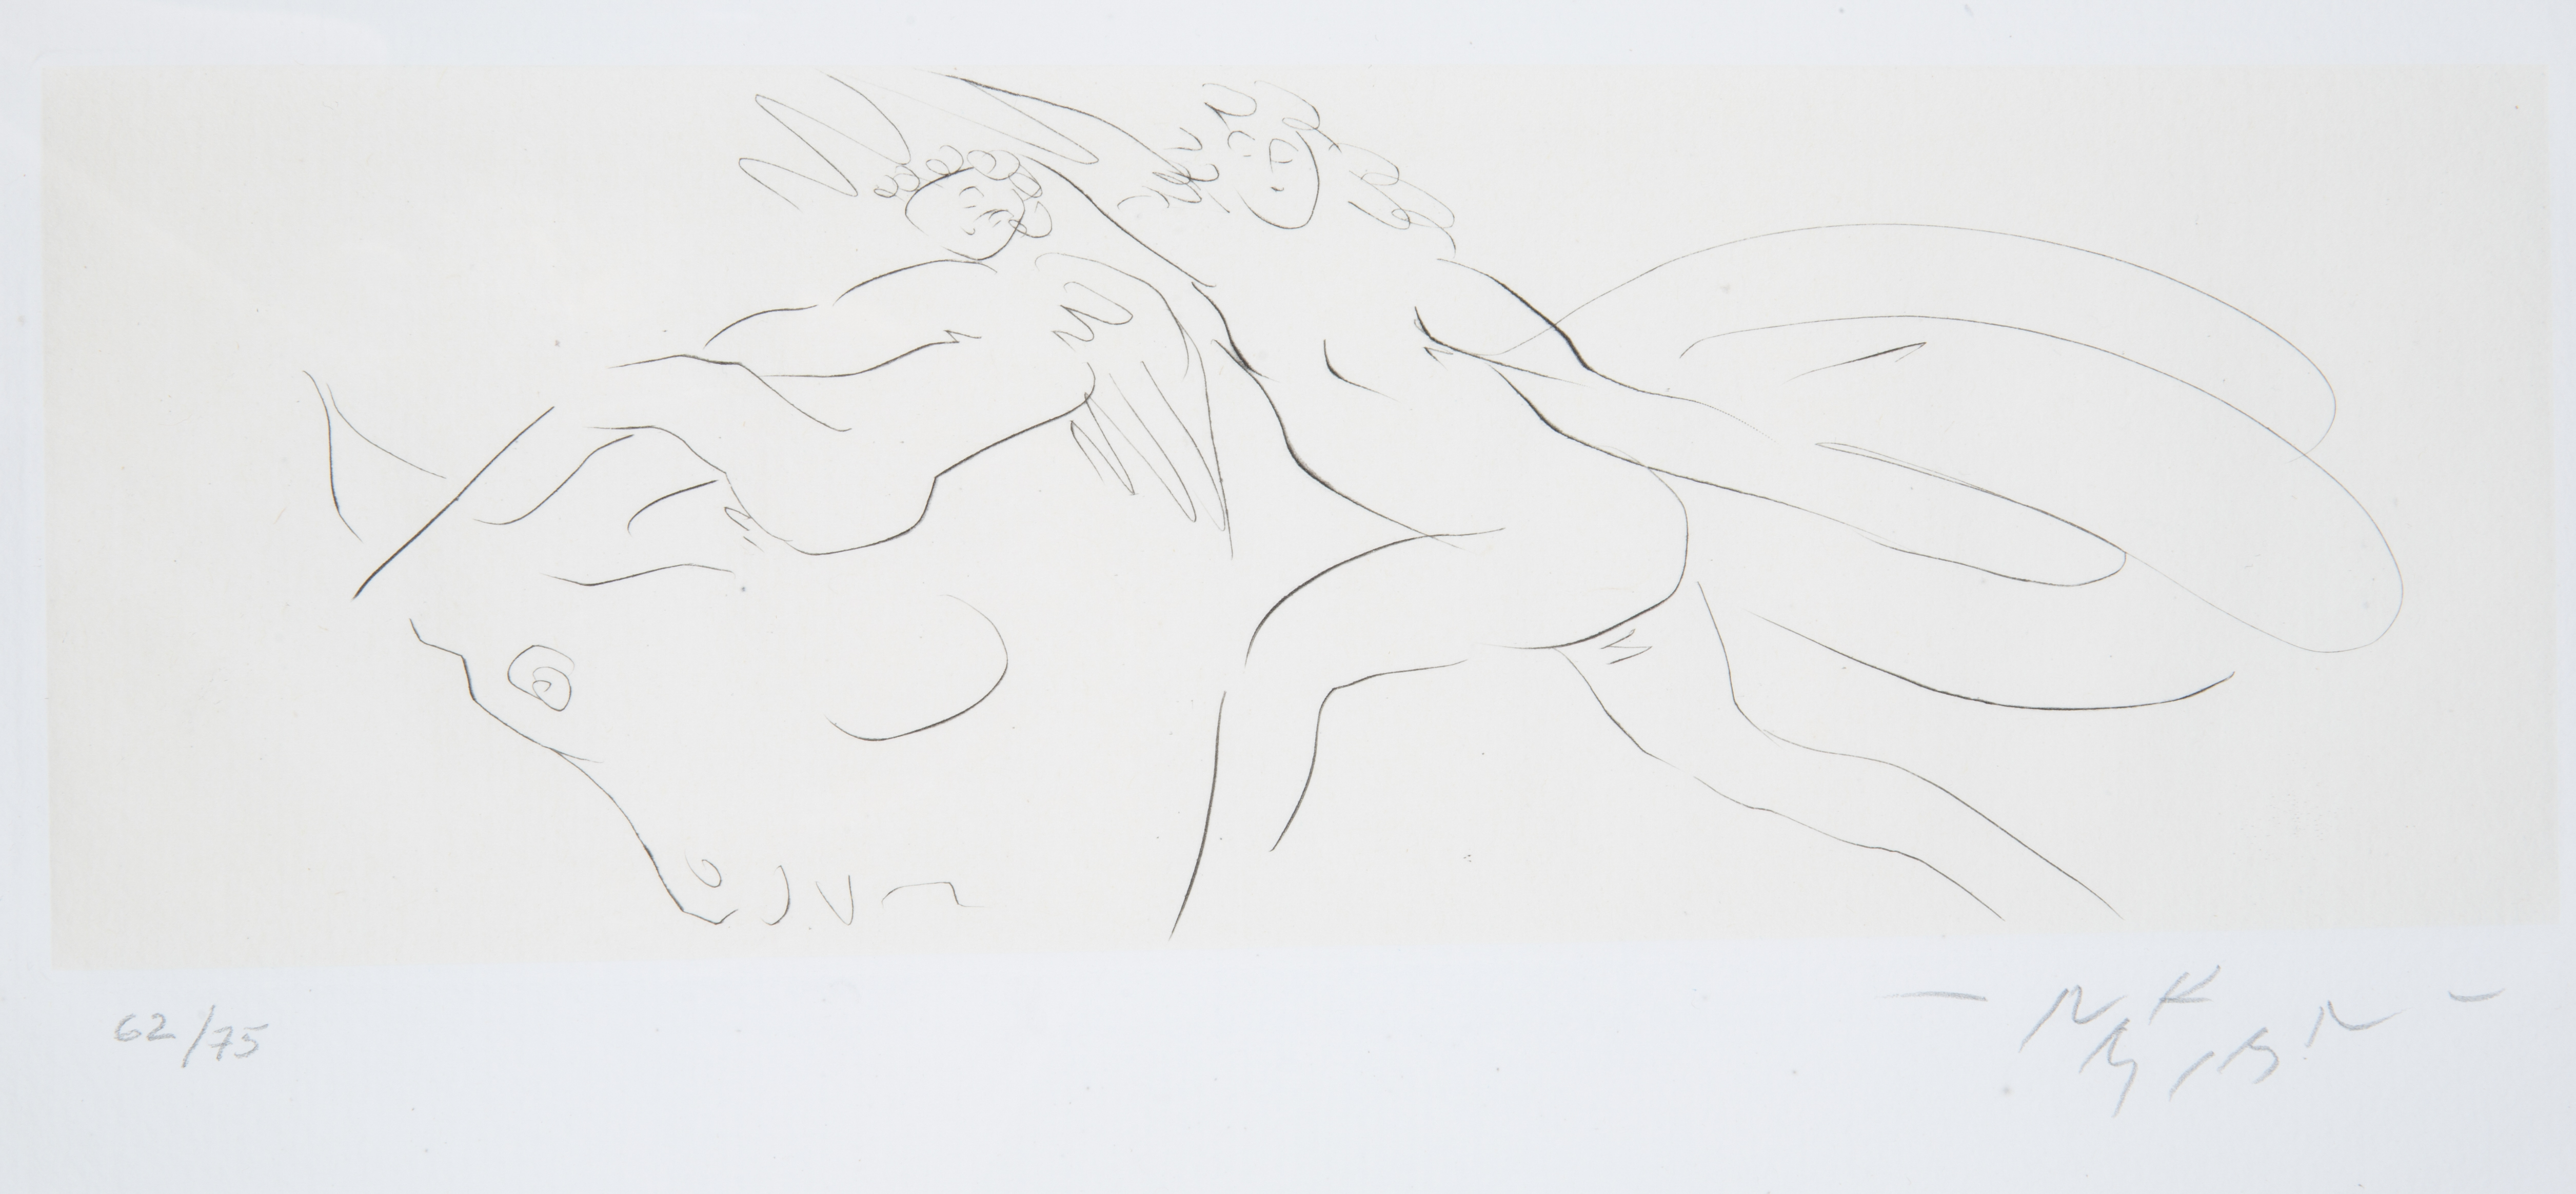 NINE ETCHINGS BY REUBEN NAKIAN (AMERICAN 1897-1986) - Image 8 of 18